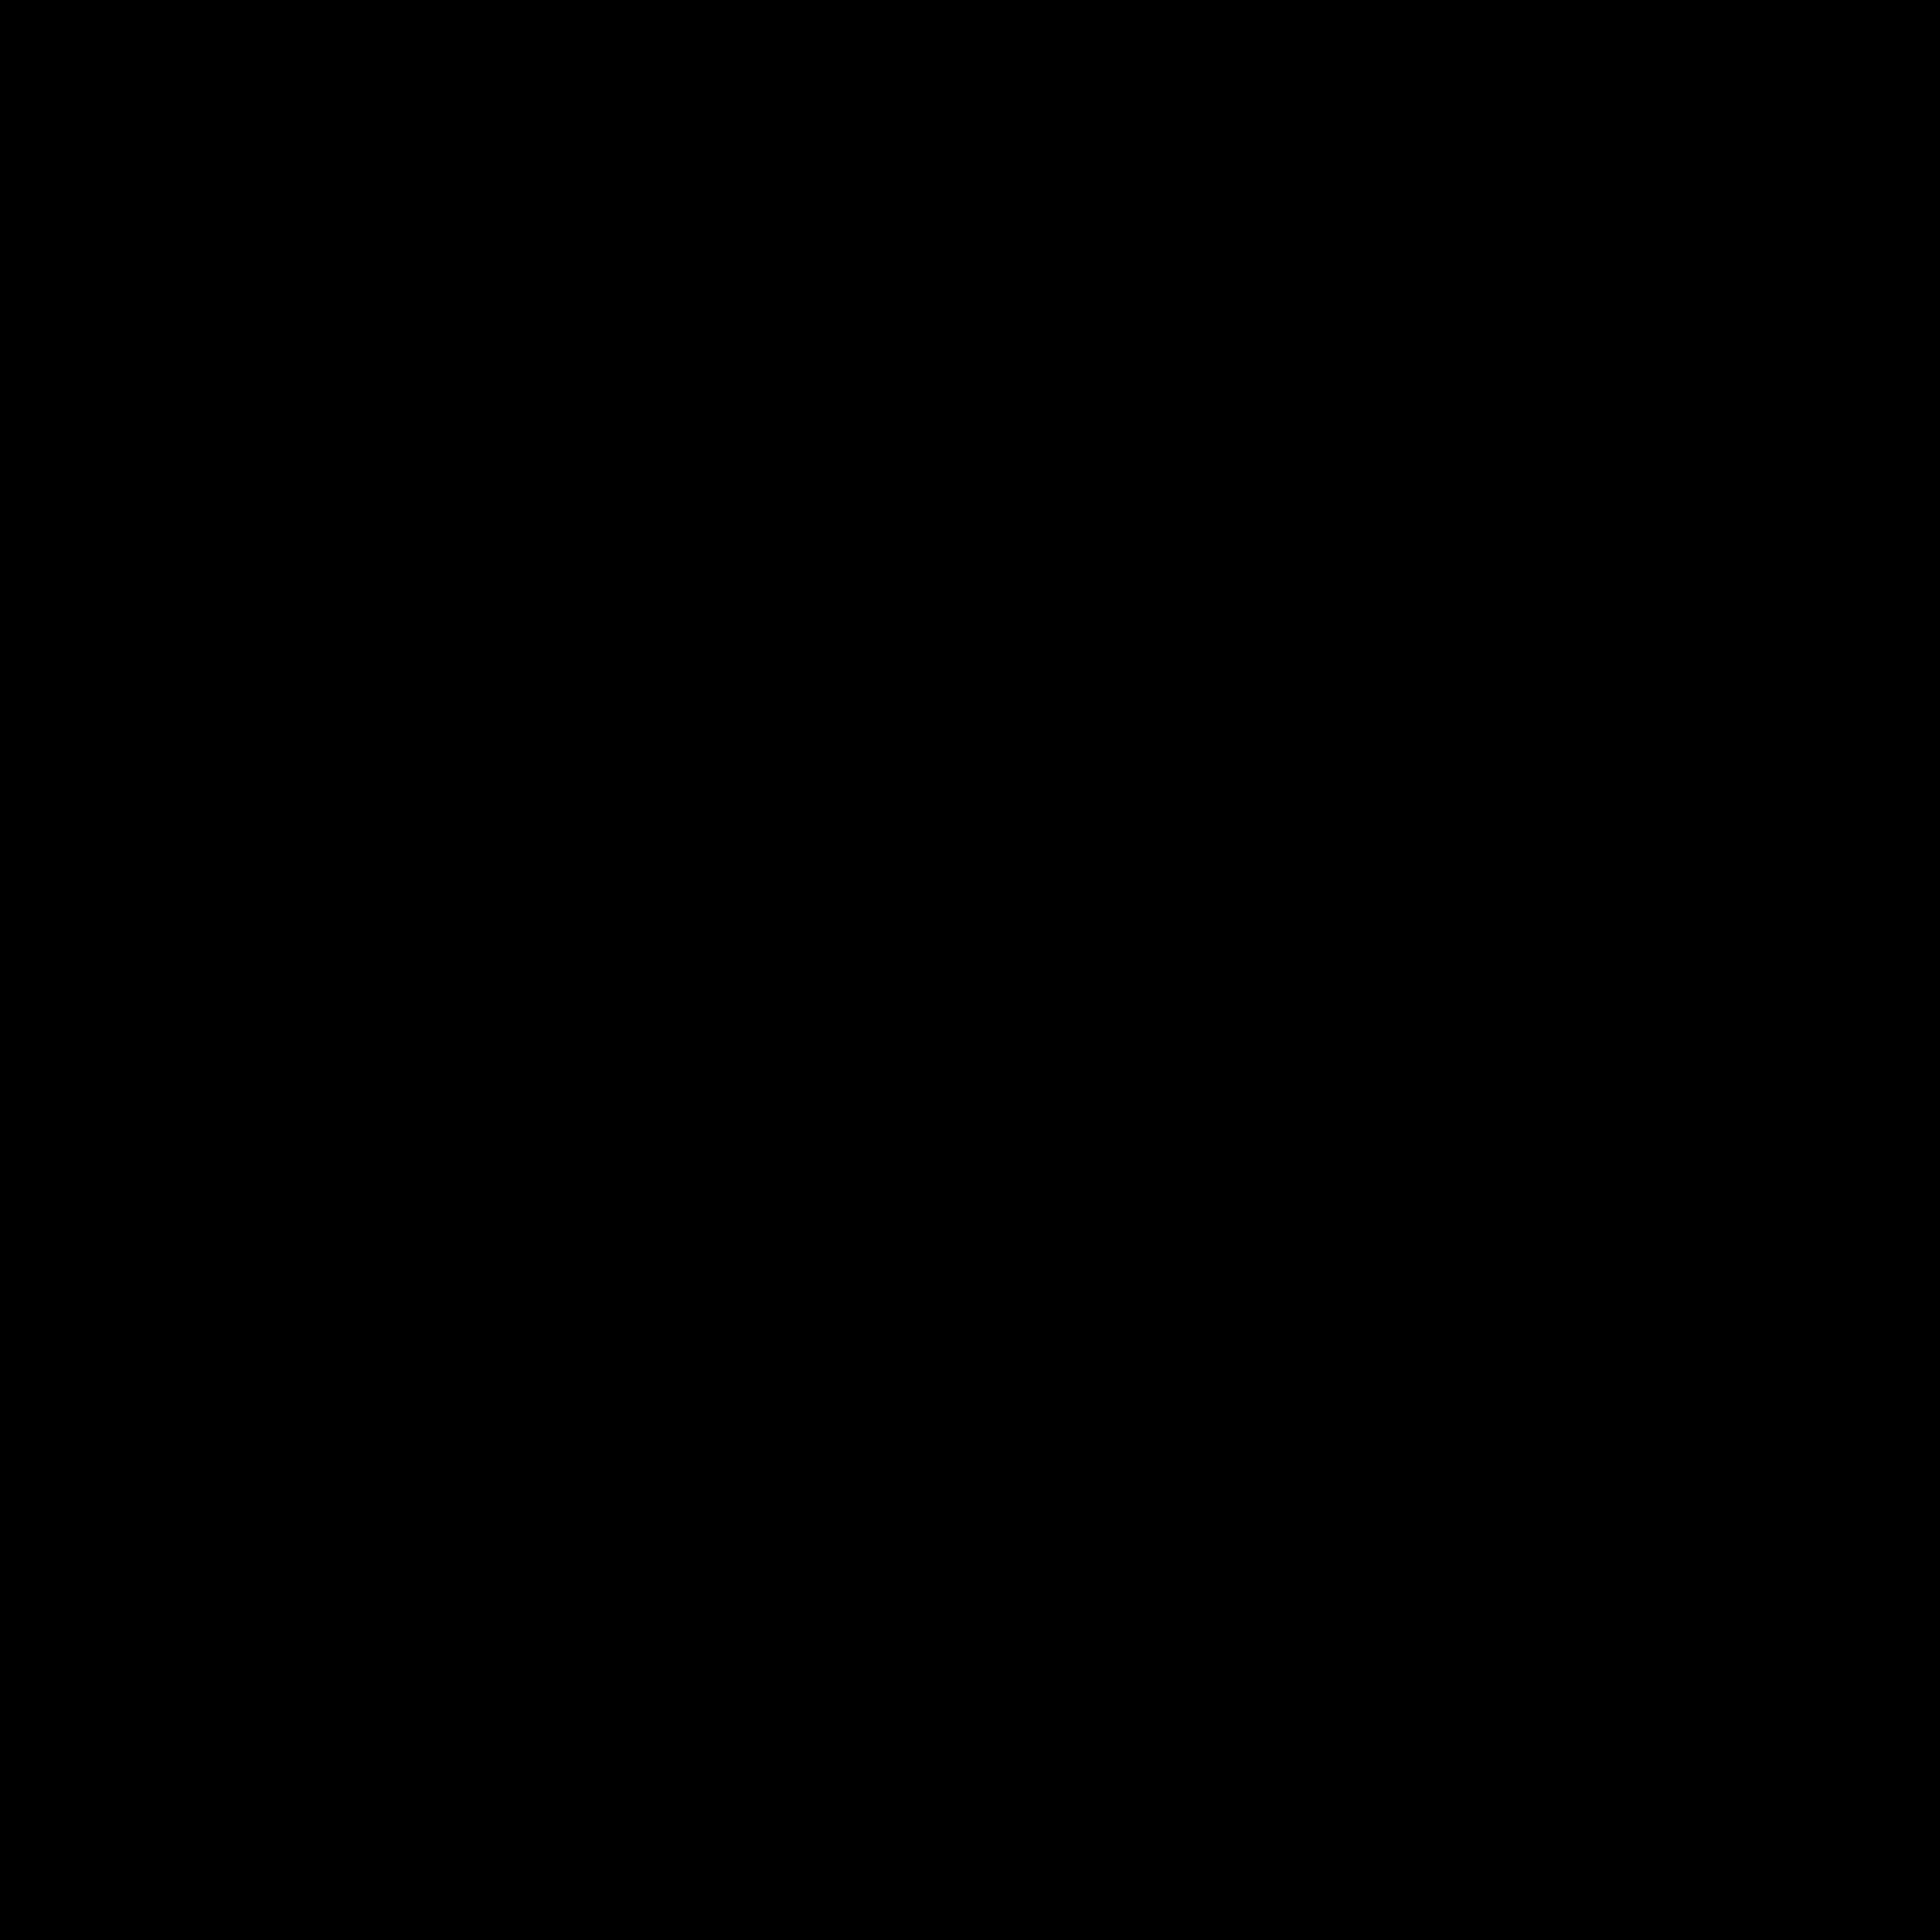 Shamanism symbol symbolic pinterest shamanism and symbols cross potent zoroastrian magi symbol chinese bronzeware script for shaman buycottarizona Images